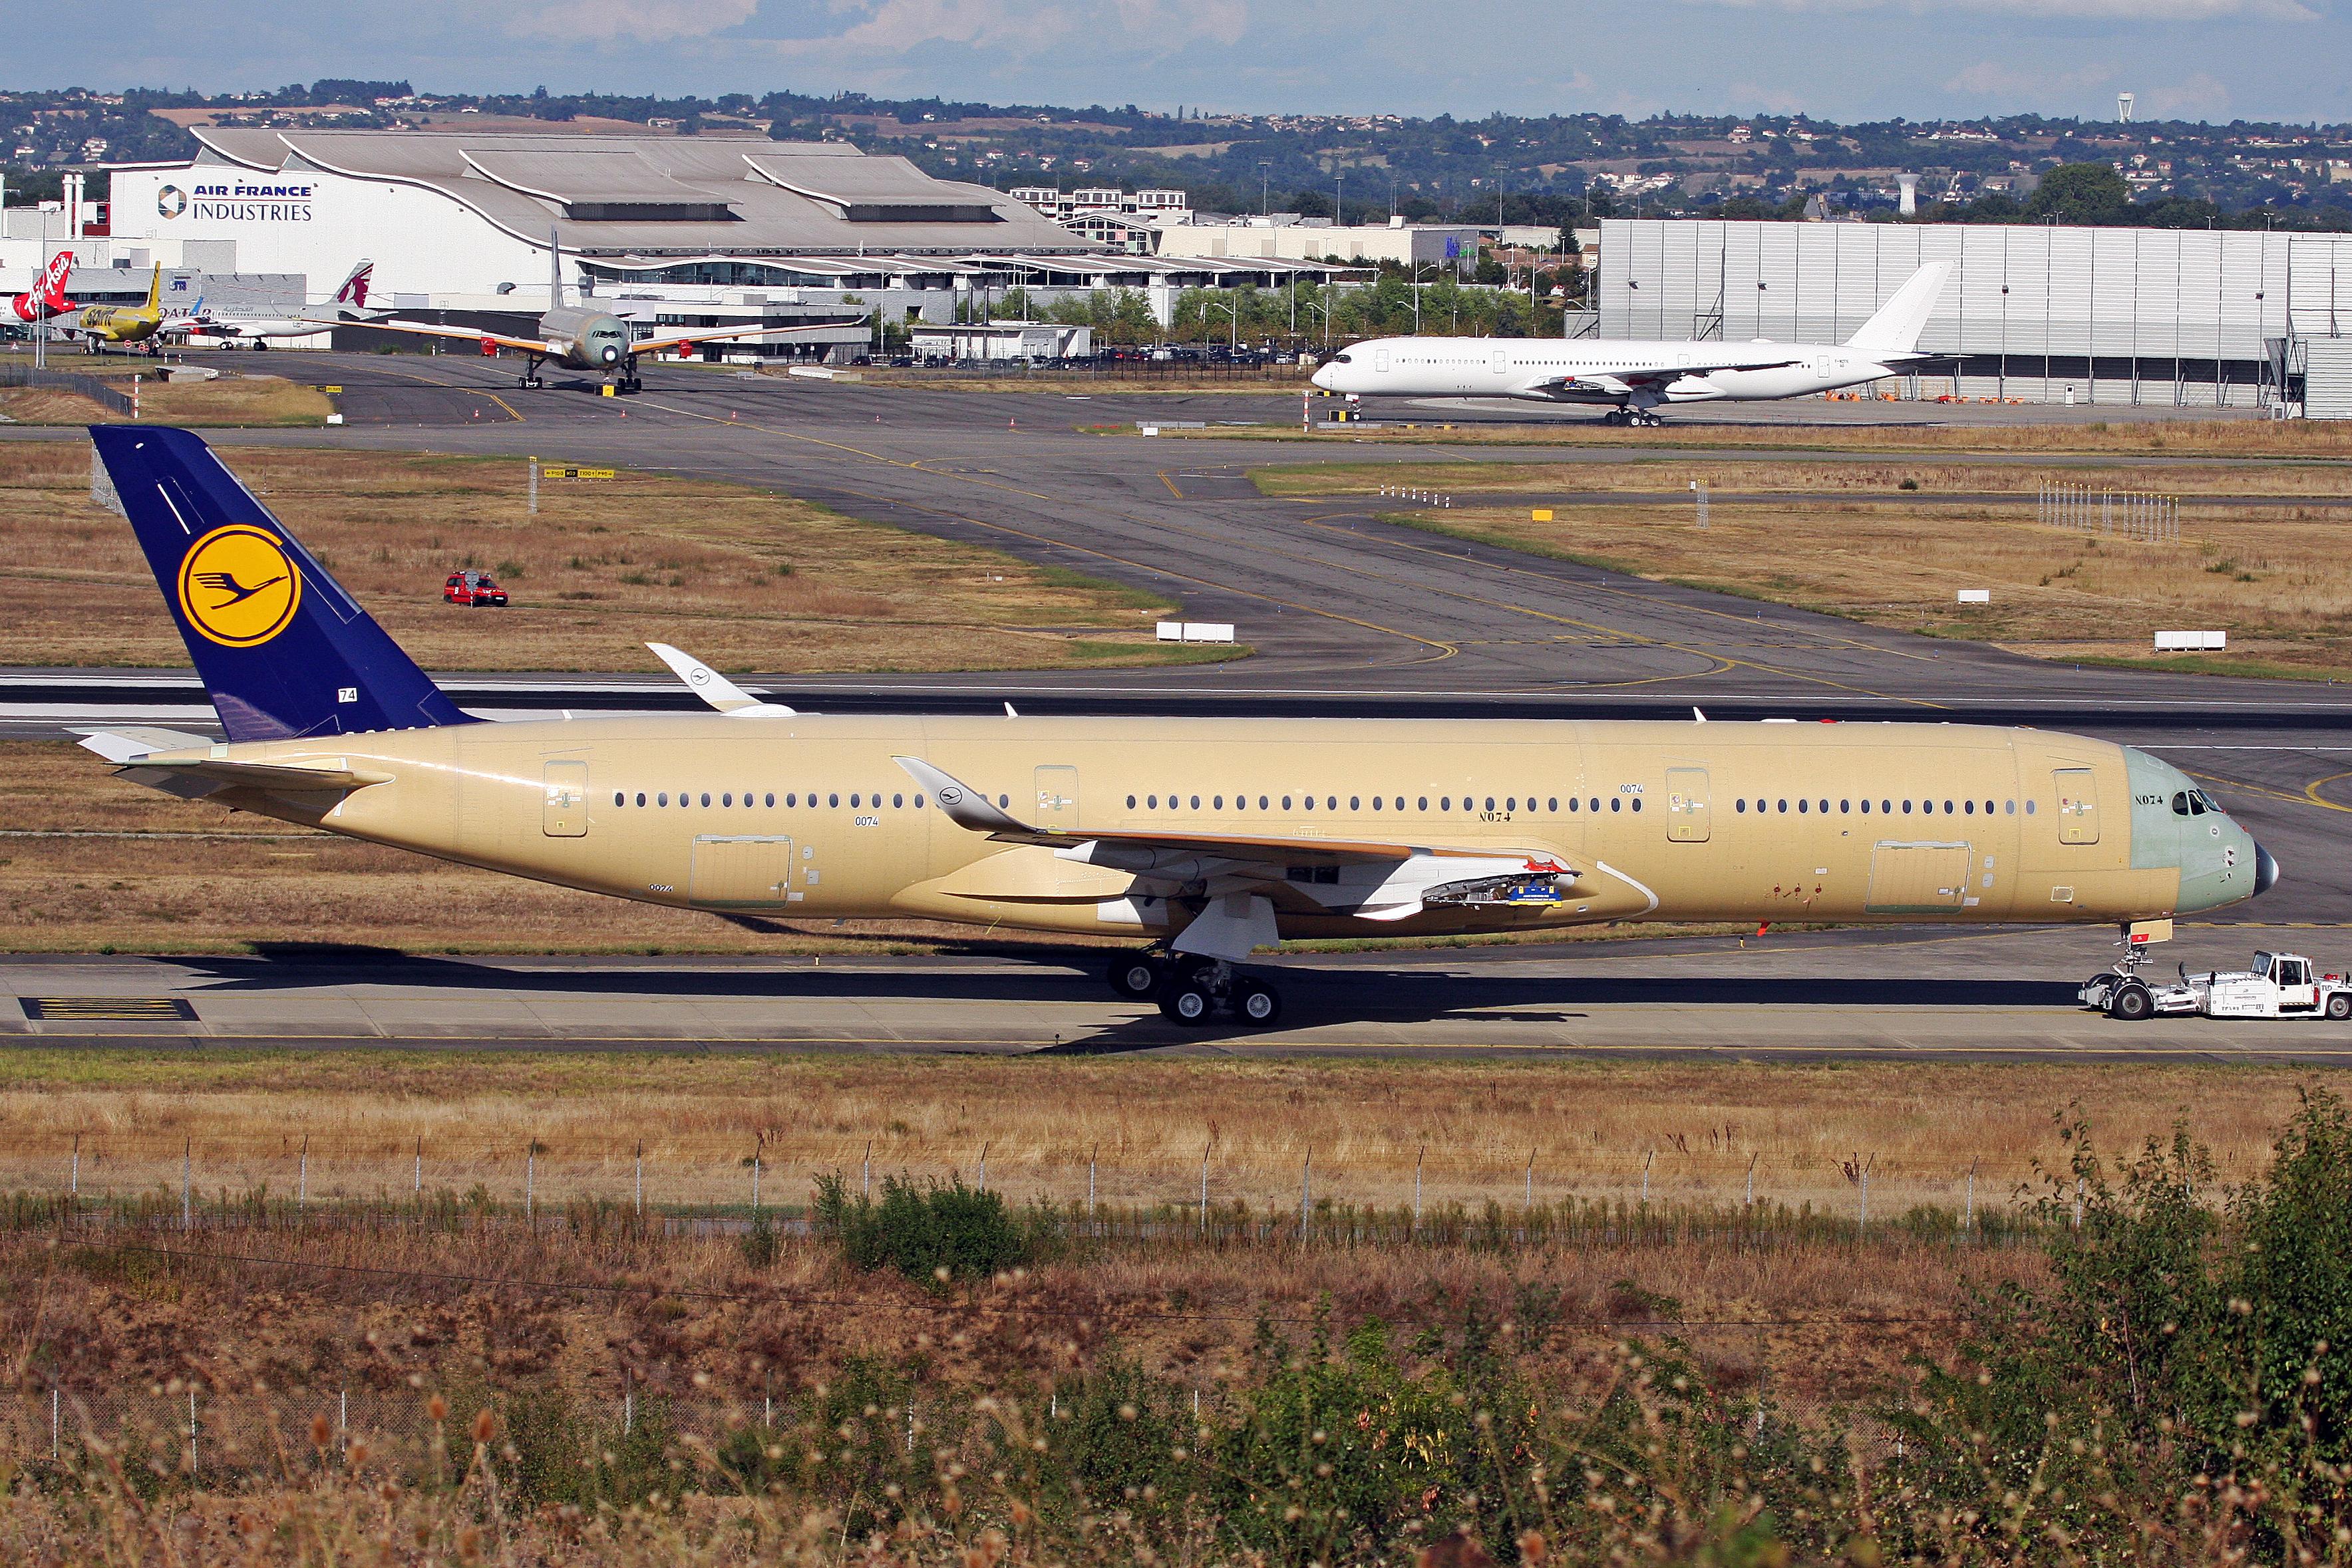 File:F-WZNC (D-AIXA 074) Airbus A350-941 Airbus Industrie (Lufthansa